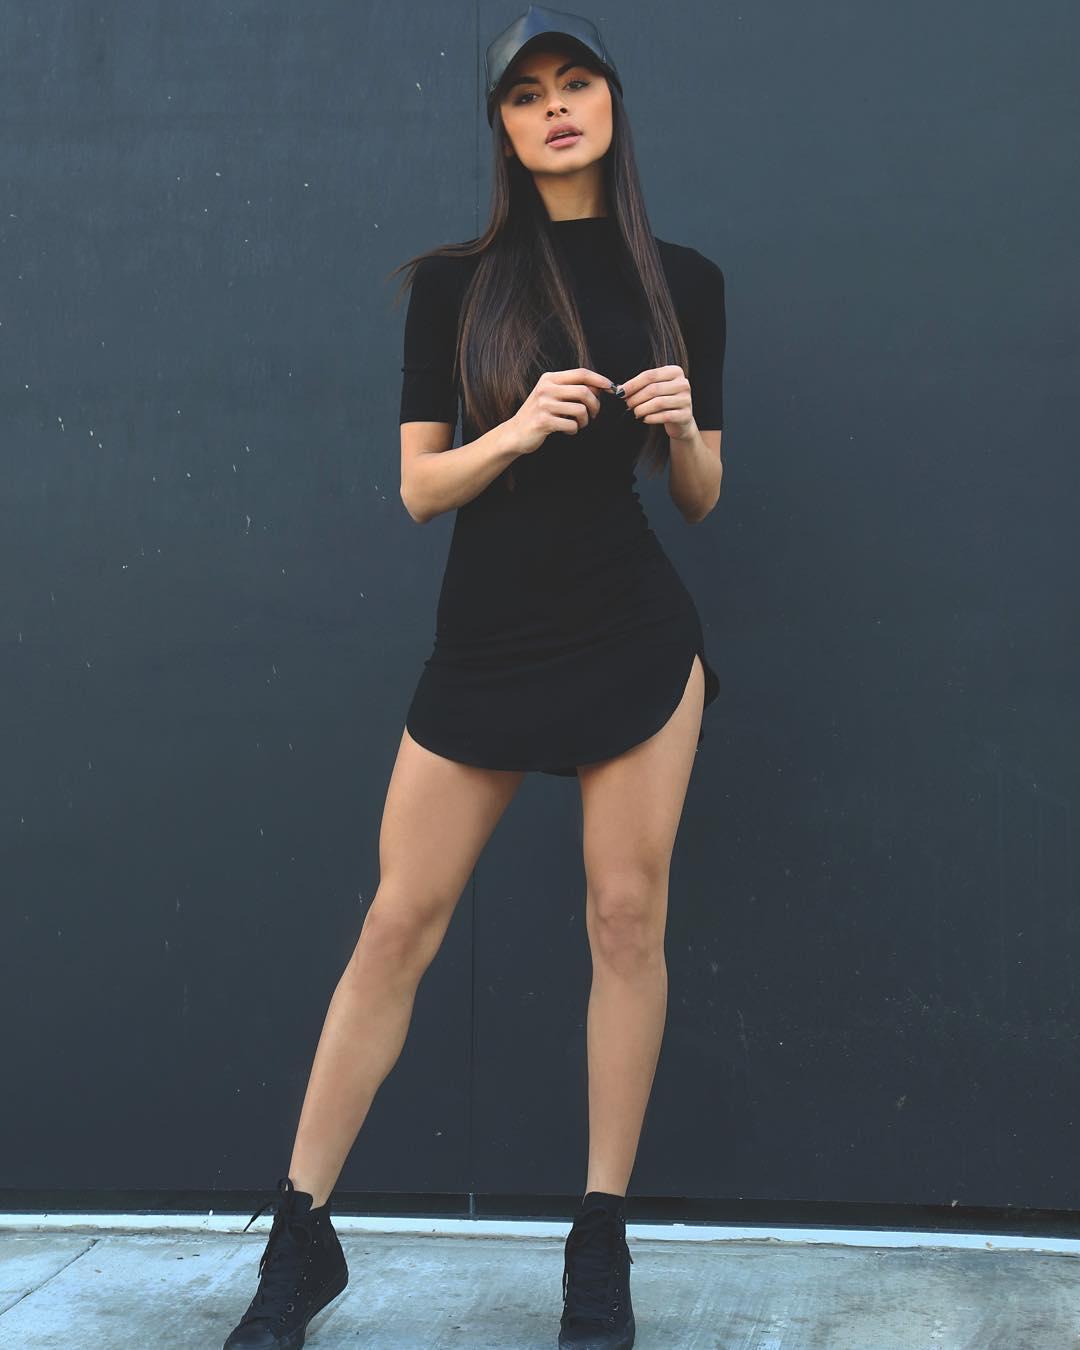 София Миакова в классном платье